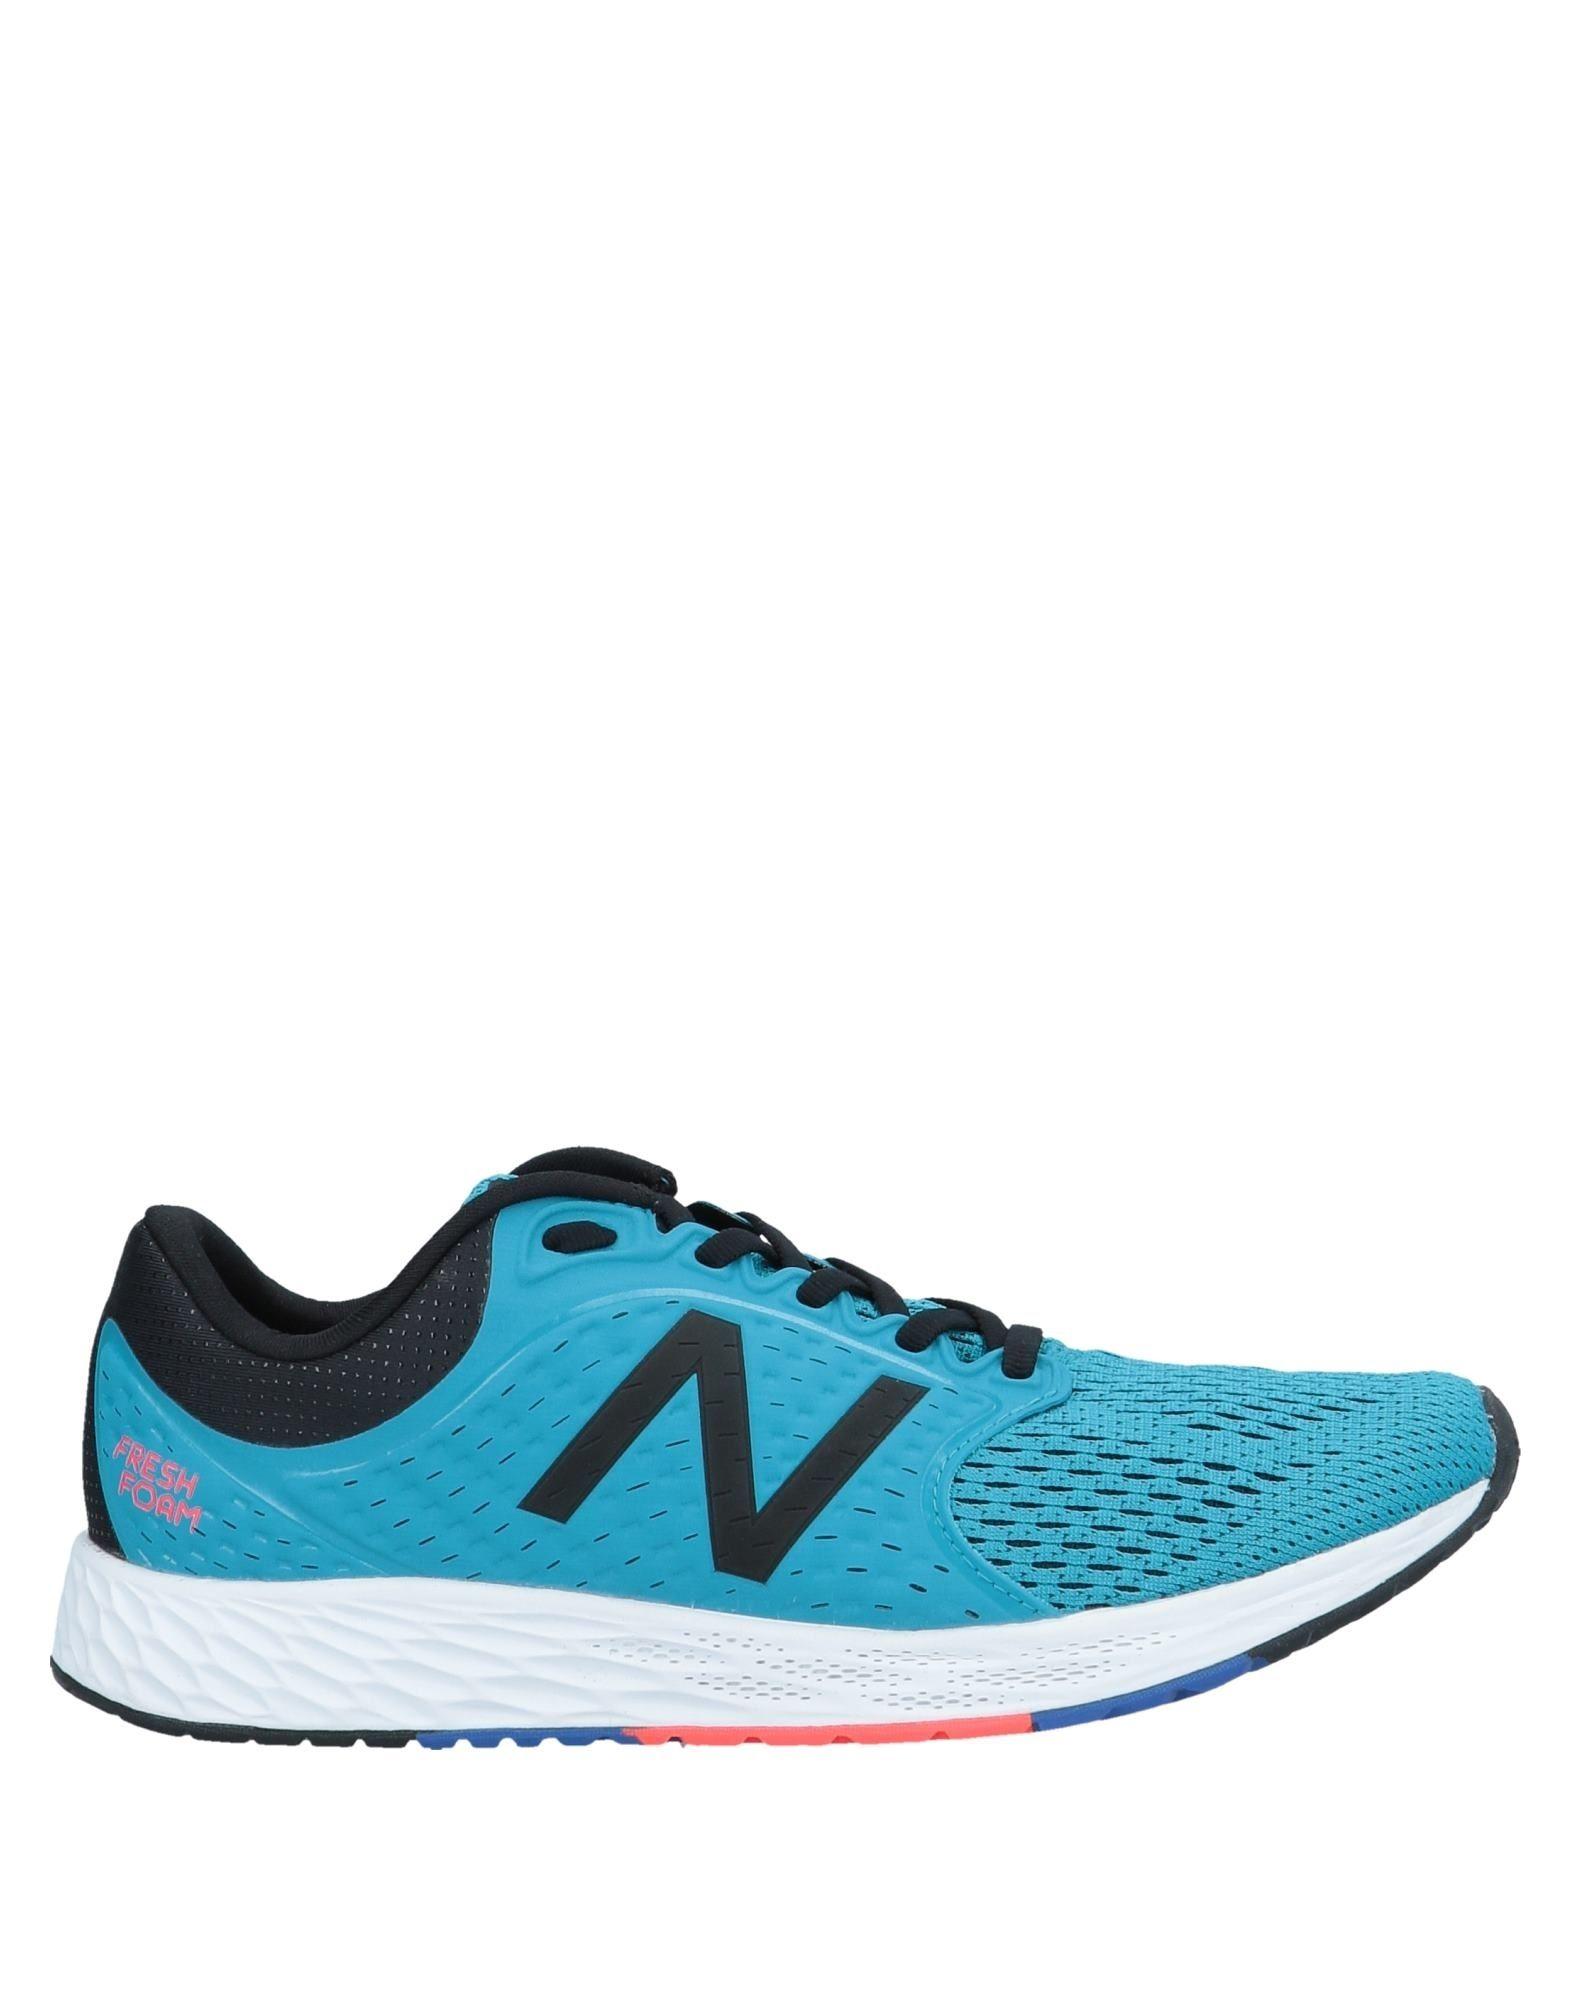 New New New Balance Sneakers Herren Gutes Preis-Leistungs-Verhältnis, es lohnt sich 2ac392